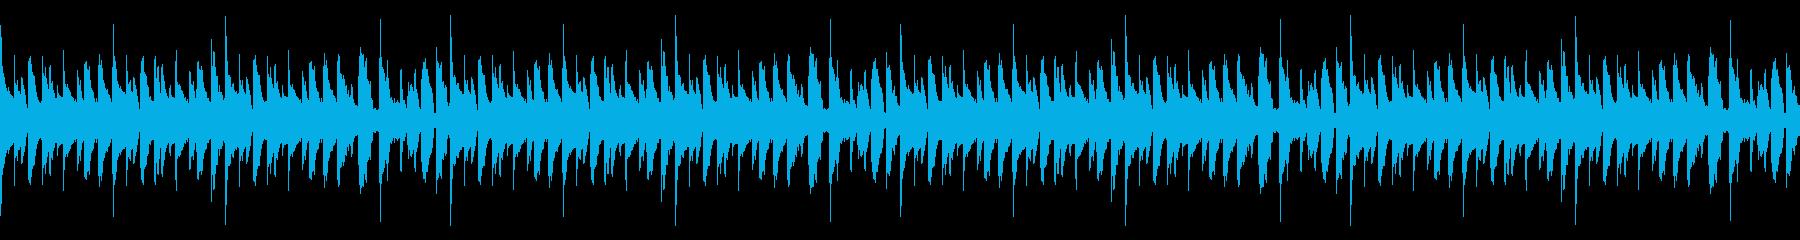 マリンバで陽気なラテン系のBGMの再生済みの波形